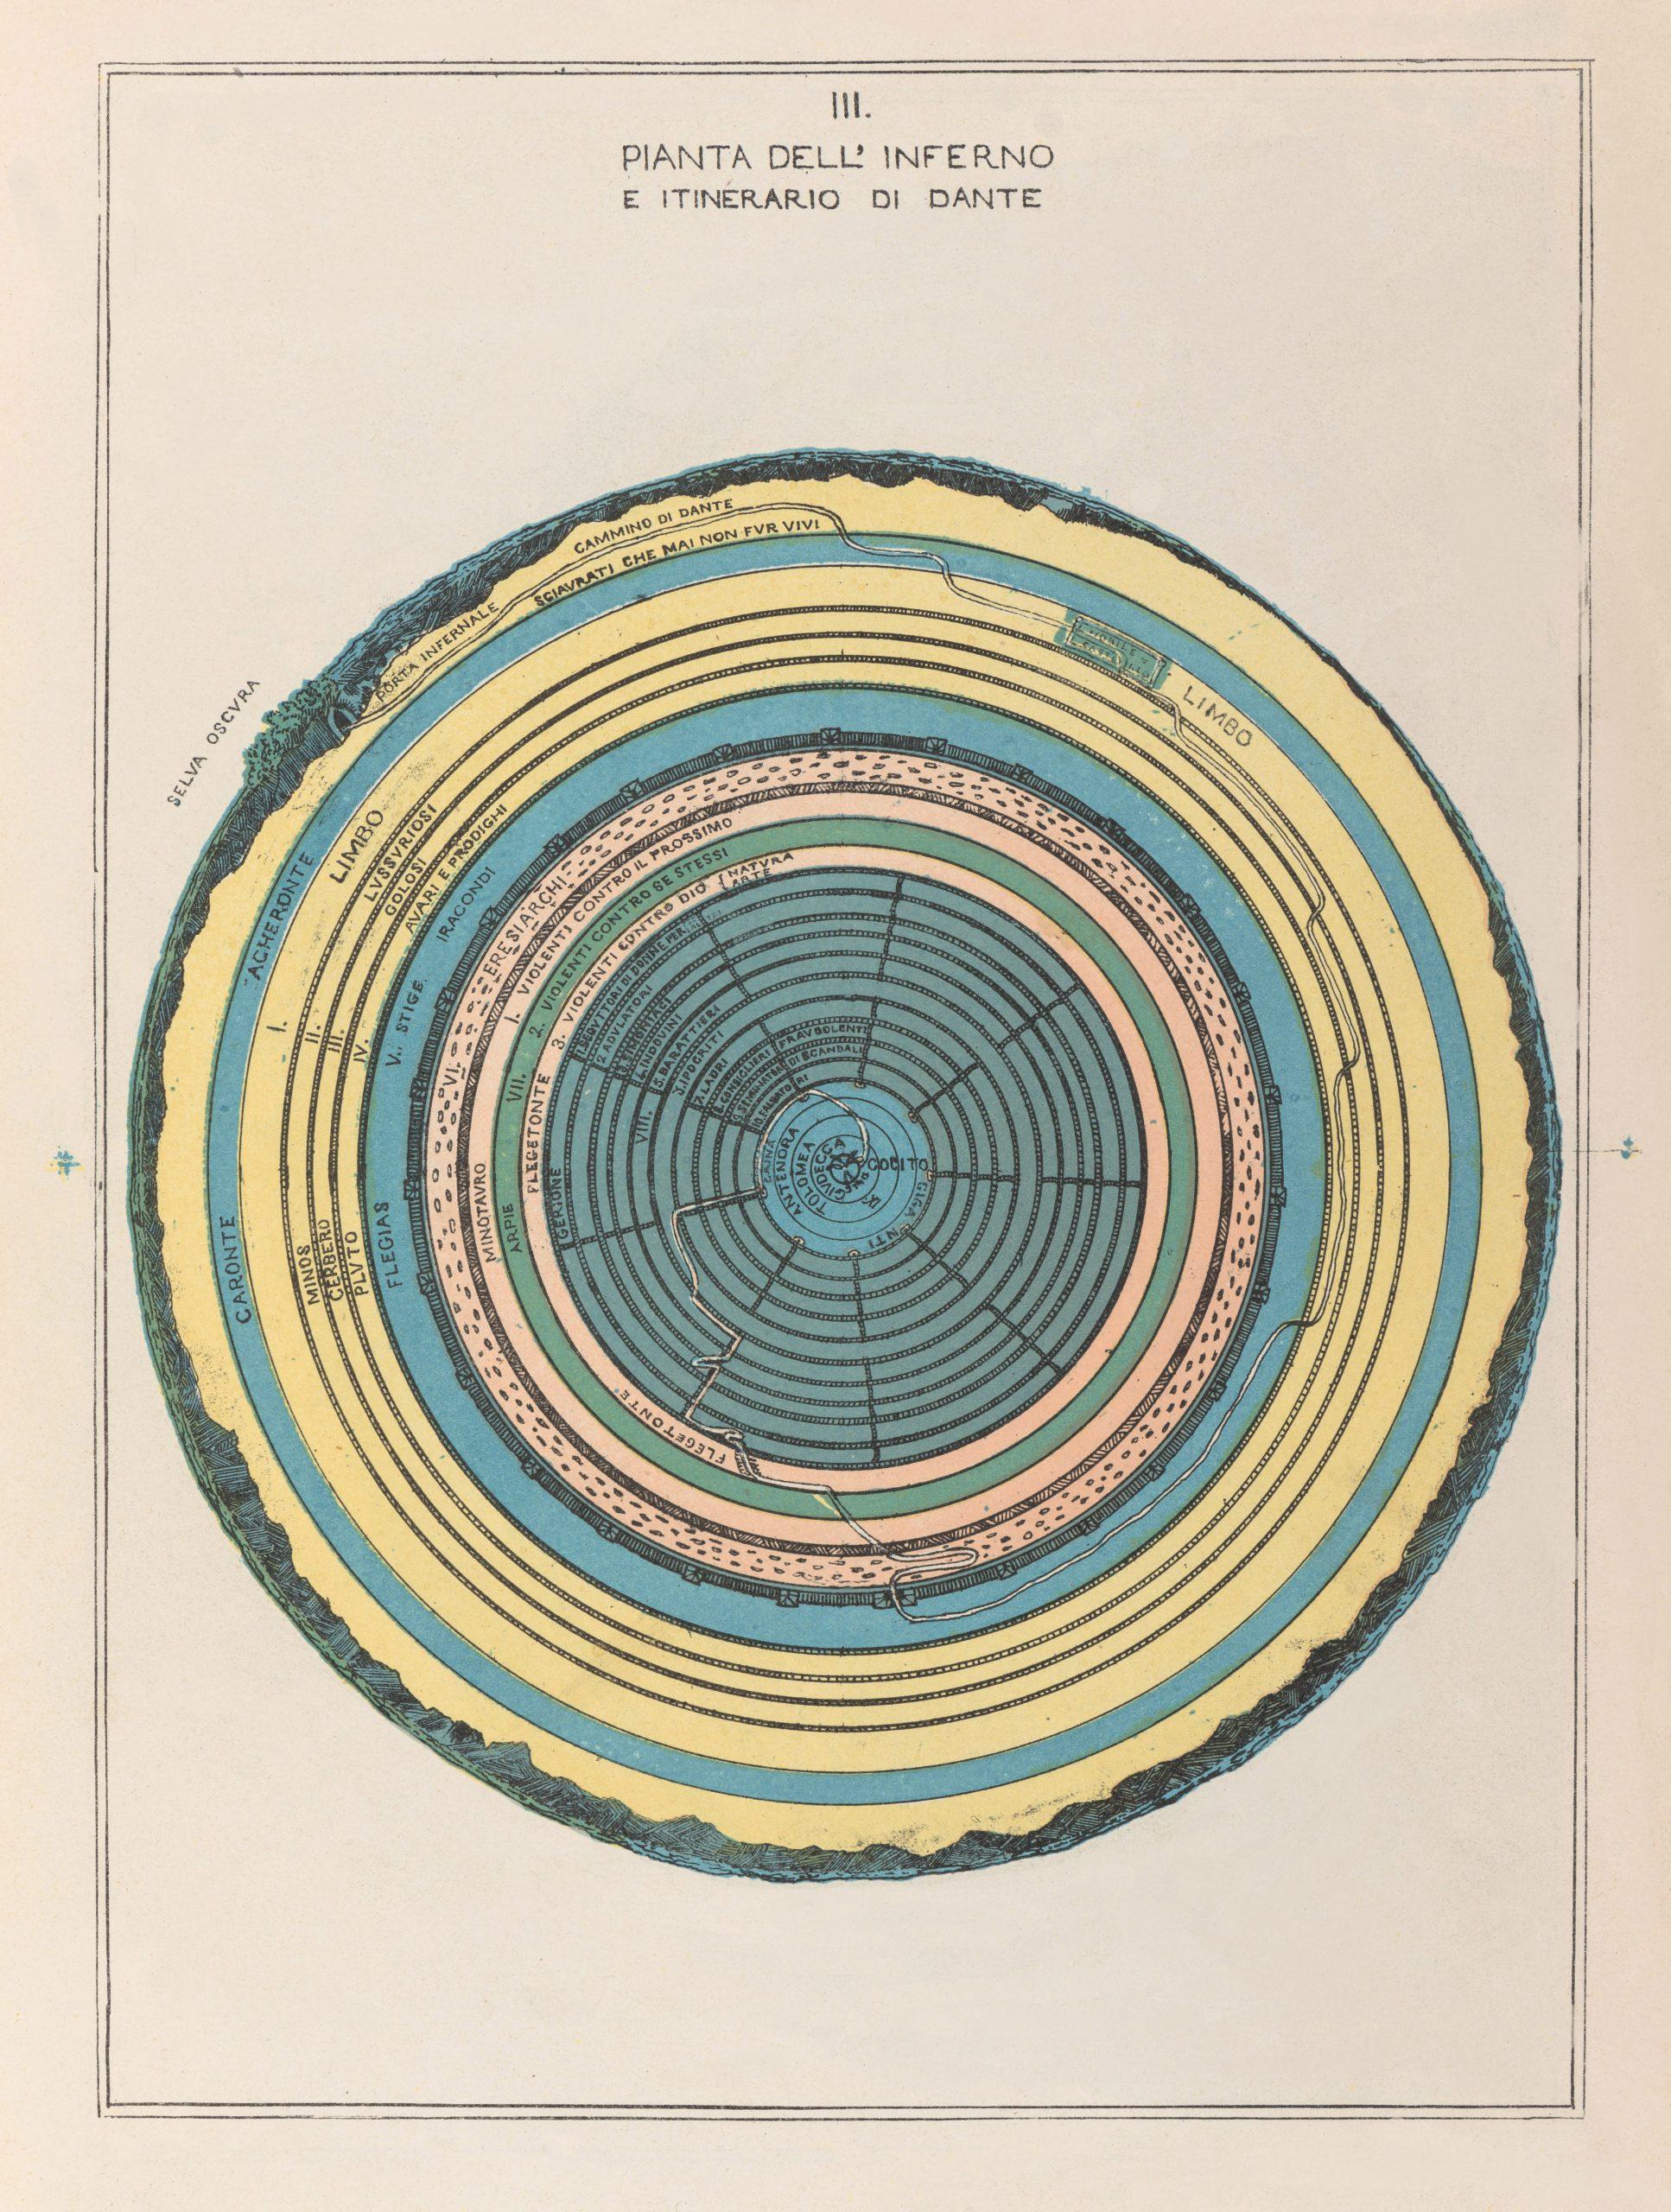 """Ilustracija unutrašnjosti Zemlje Michelangela Caetanija (1804–1882) na temelju književnog dijela """"Božanstvena komedija"""" renesansnog autora Dante Alighierija. Izvor: Wikimedia Commons"""